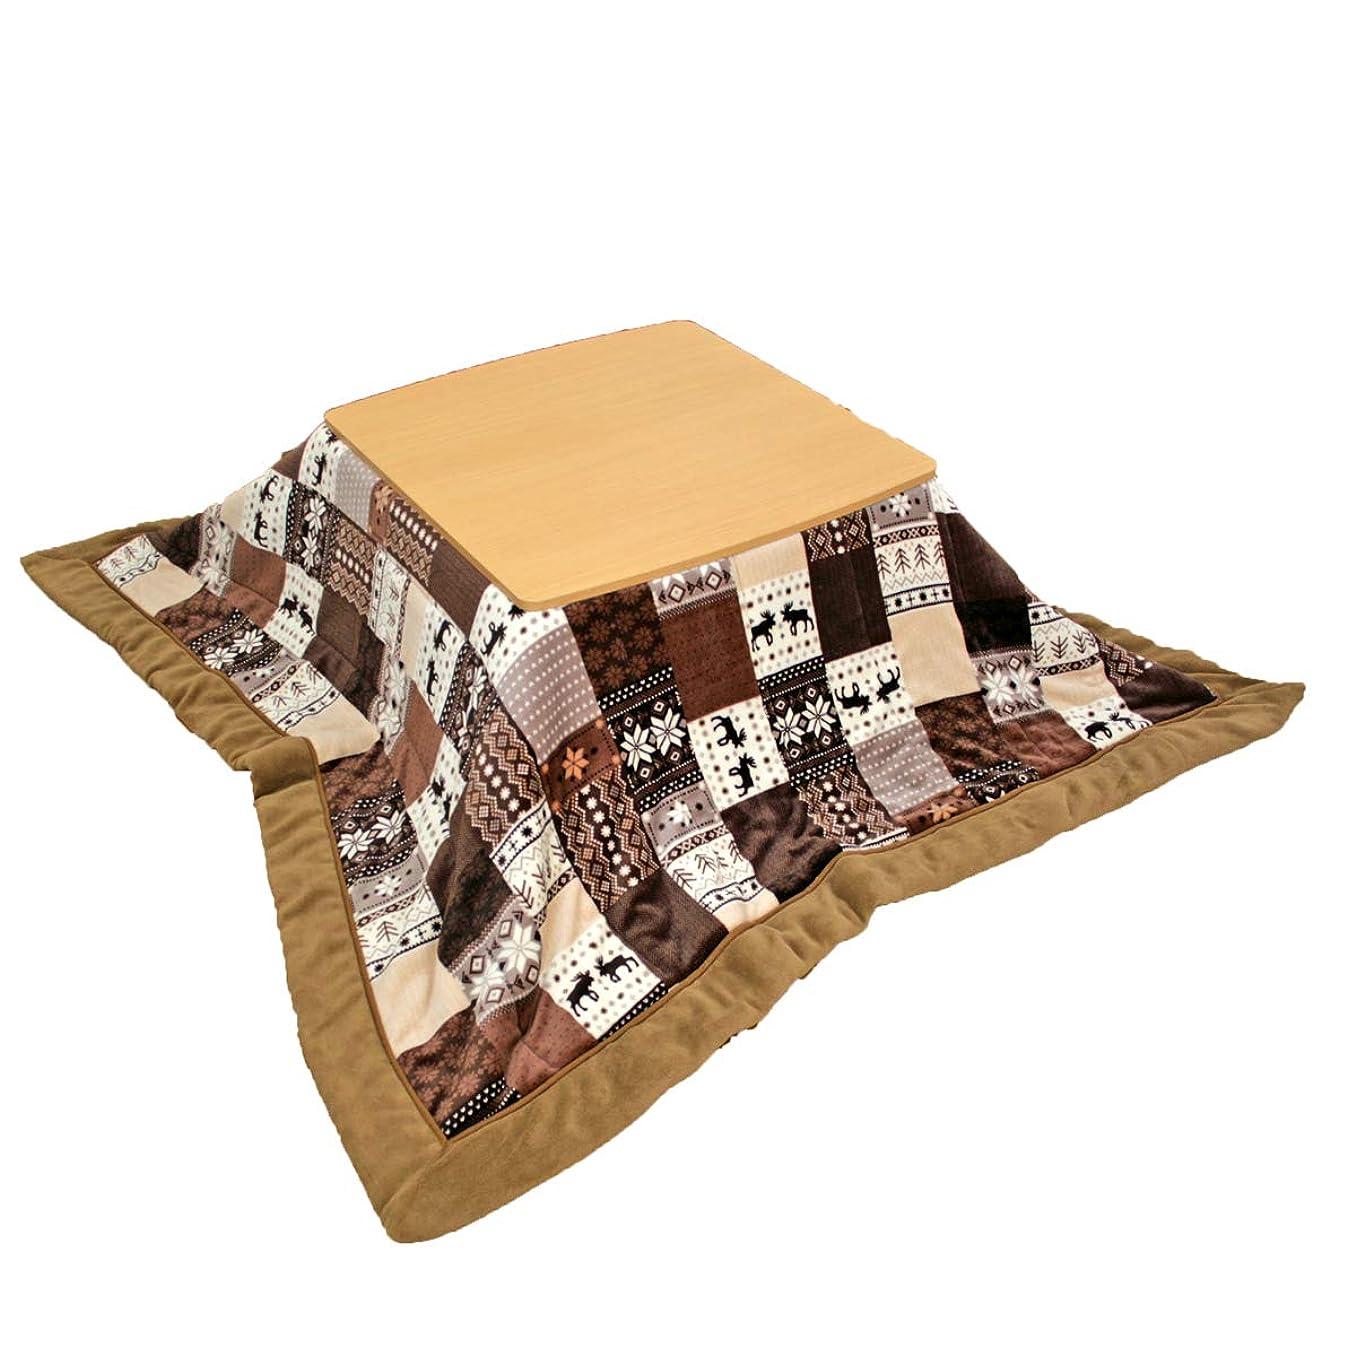 スーパー破滅熟したこたつ布団 長方形 185×235cmノルディック柄 北欧風 パッチワーク調 こたつ薄掛け マイクロファイバー素材 217-16-235 (ブラウン)